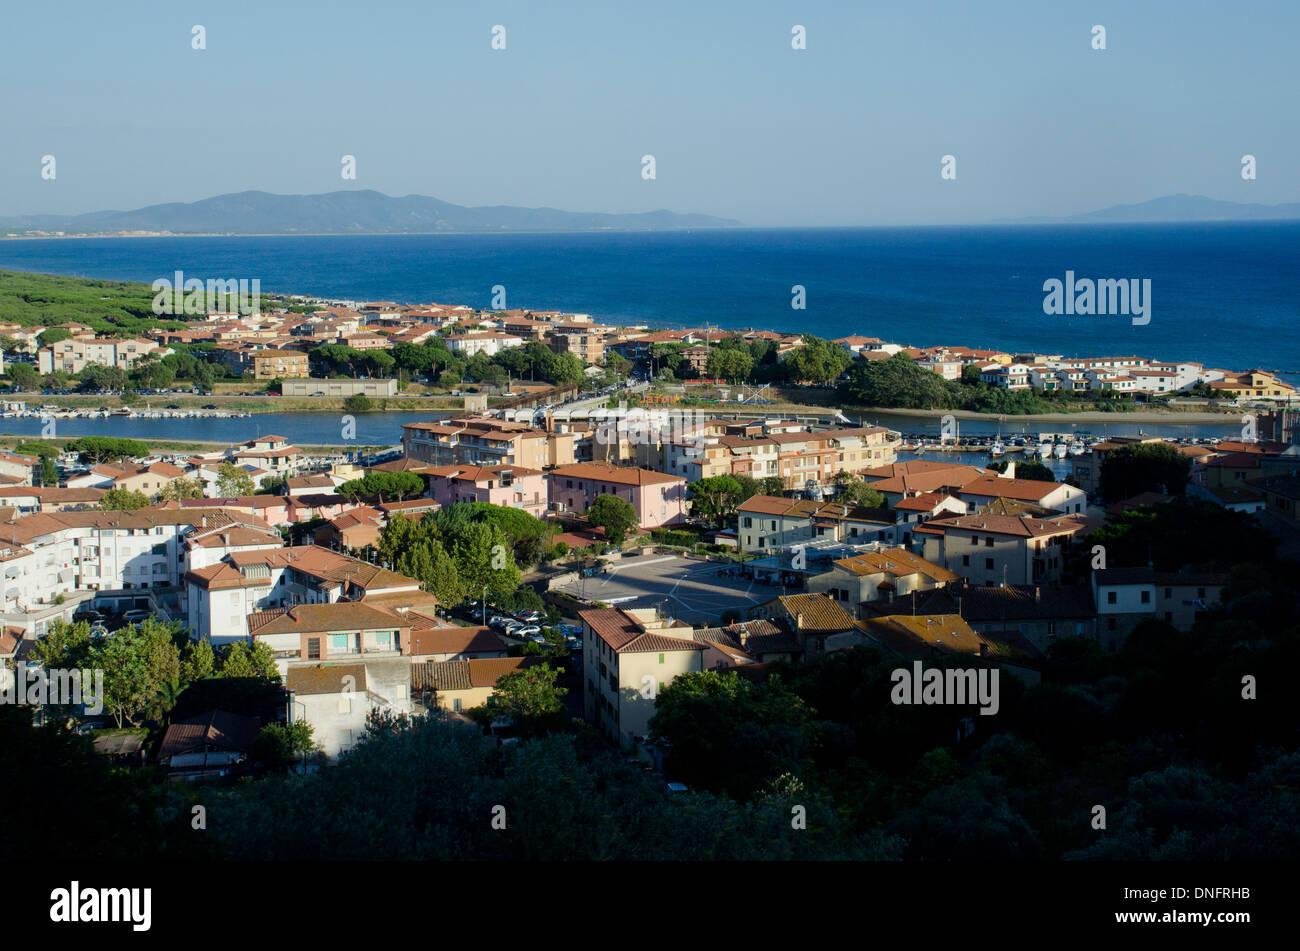 Castiglione della Pescaia from the top, Maremma coast, Grosseto province, Tuscany, Italy - Stock Image